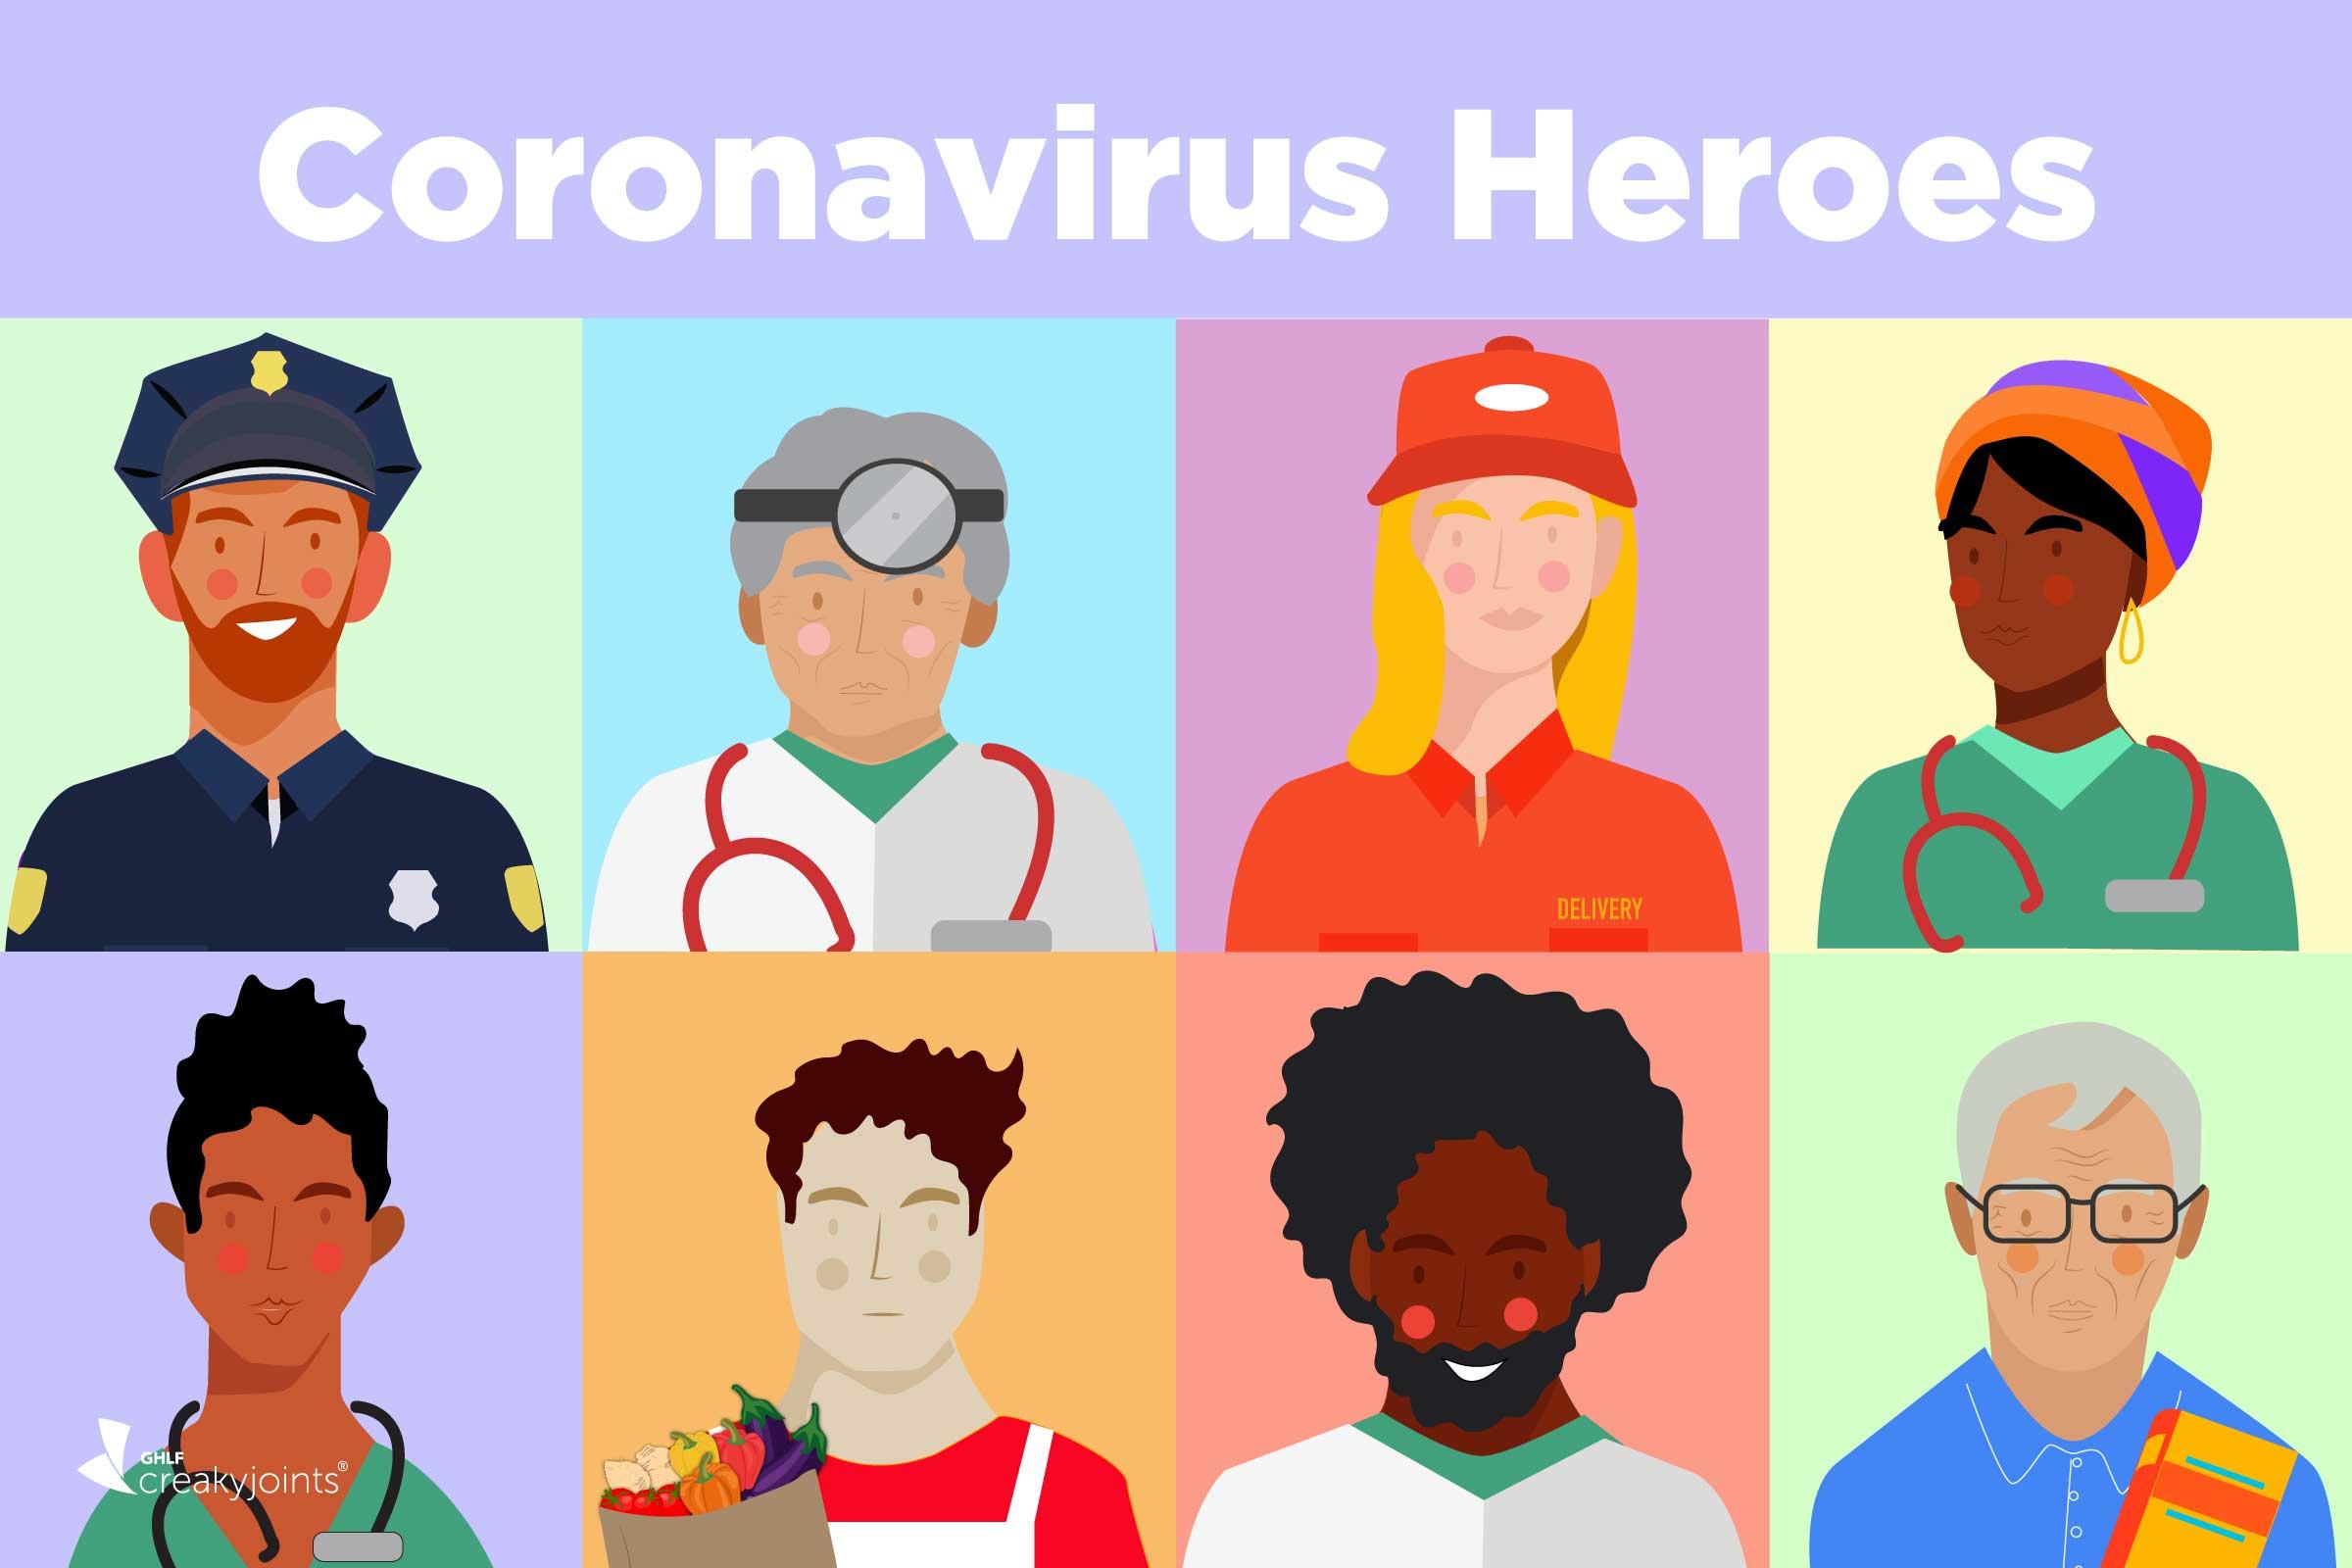 Coronavirus Superheroes